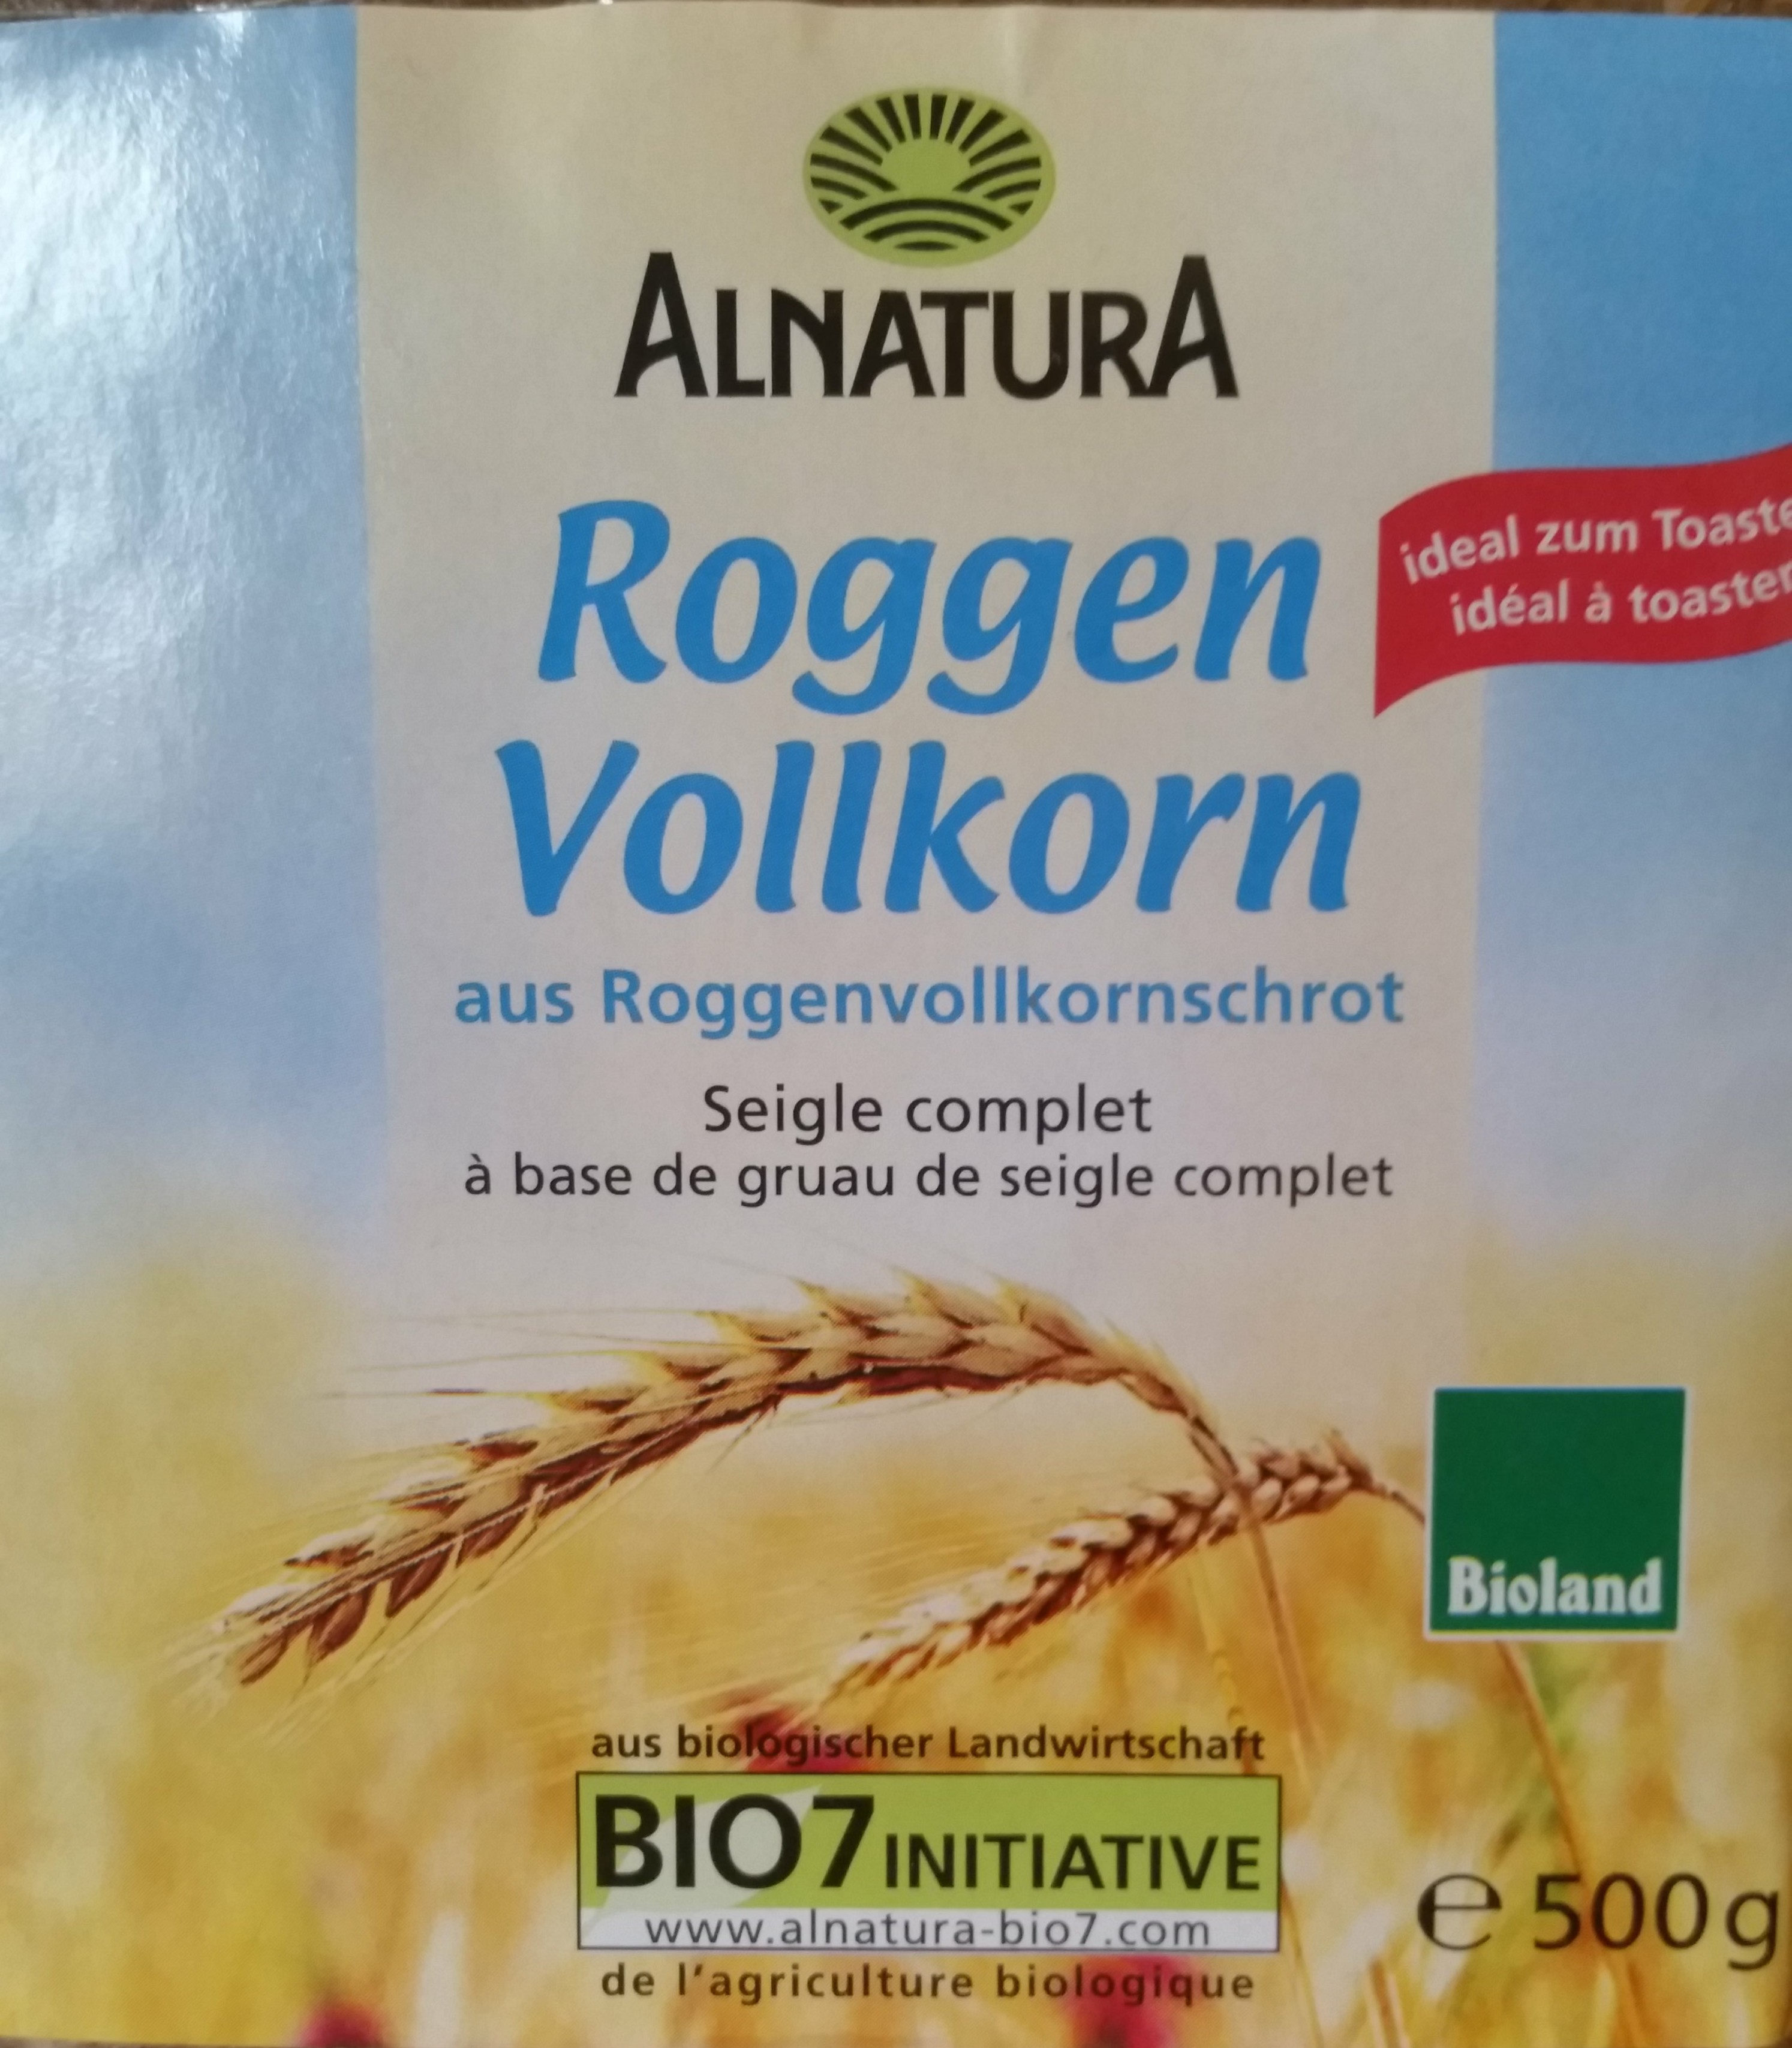 Bio Roggenvollkornbrot aus Roggenvollkornschrot - Product